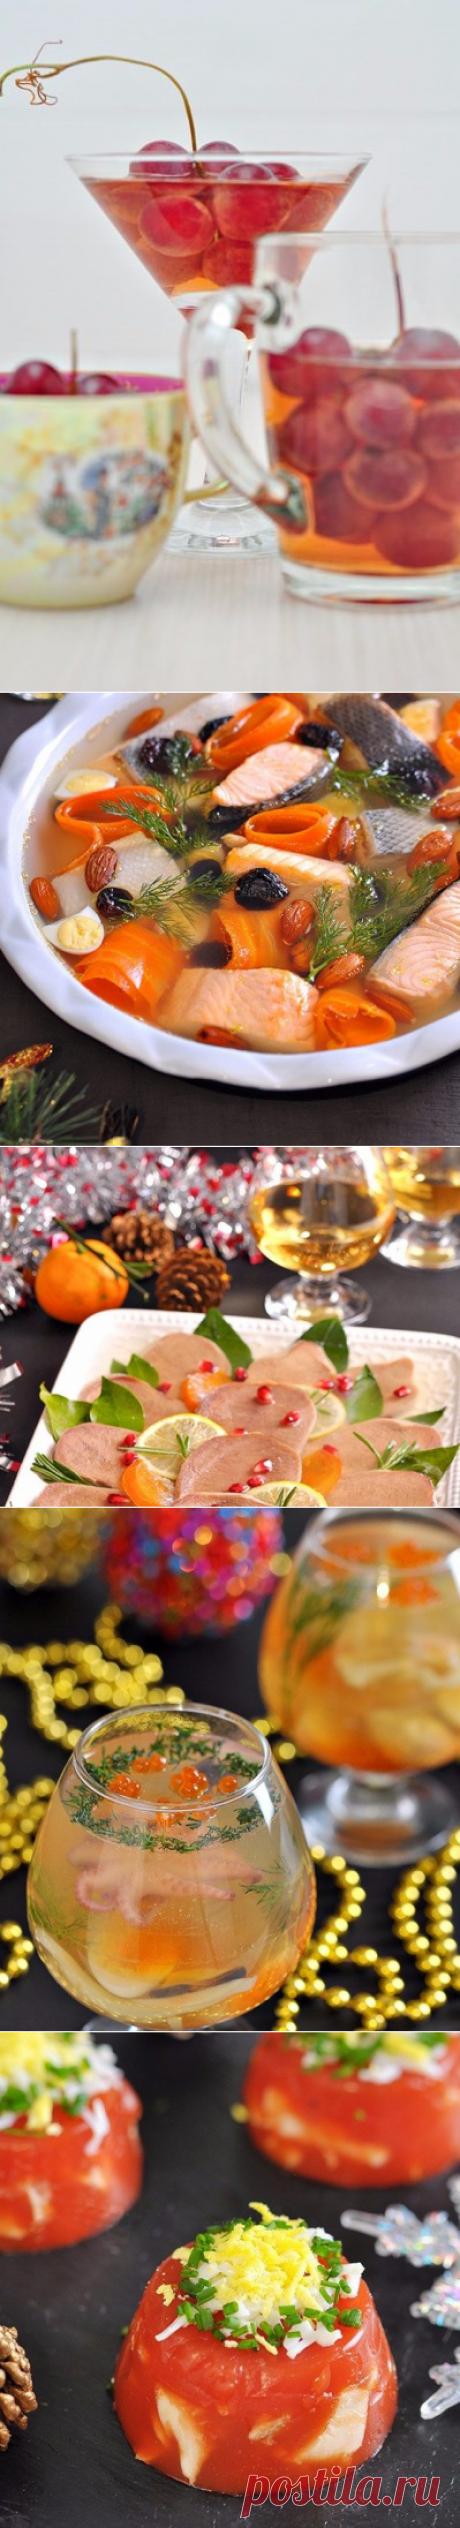 5 рецептов заливного к Новому году!